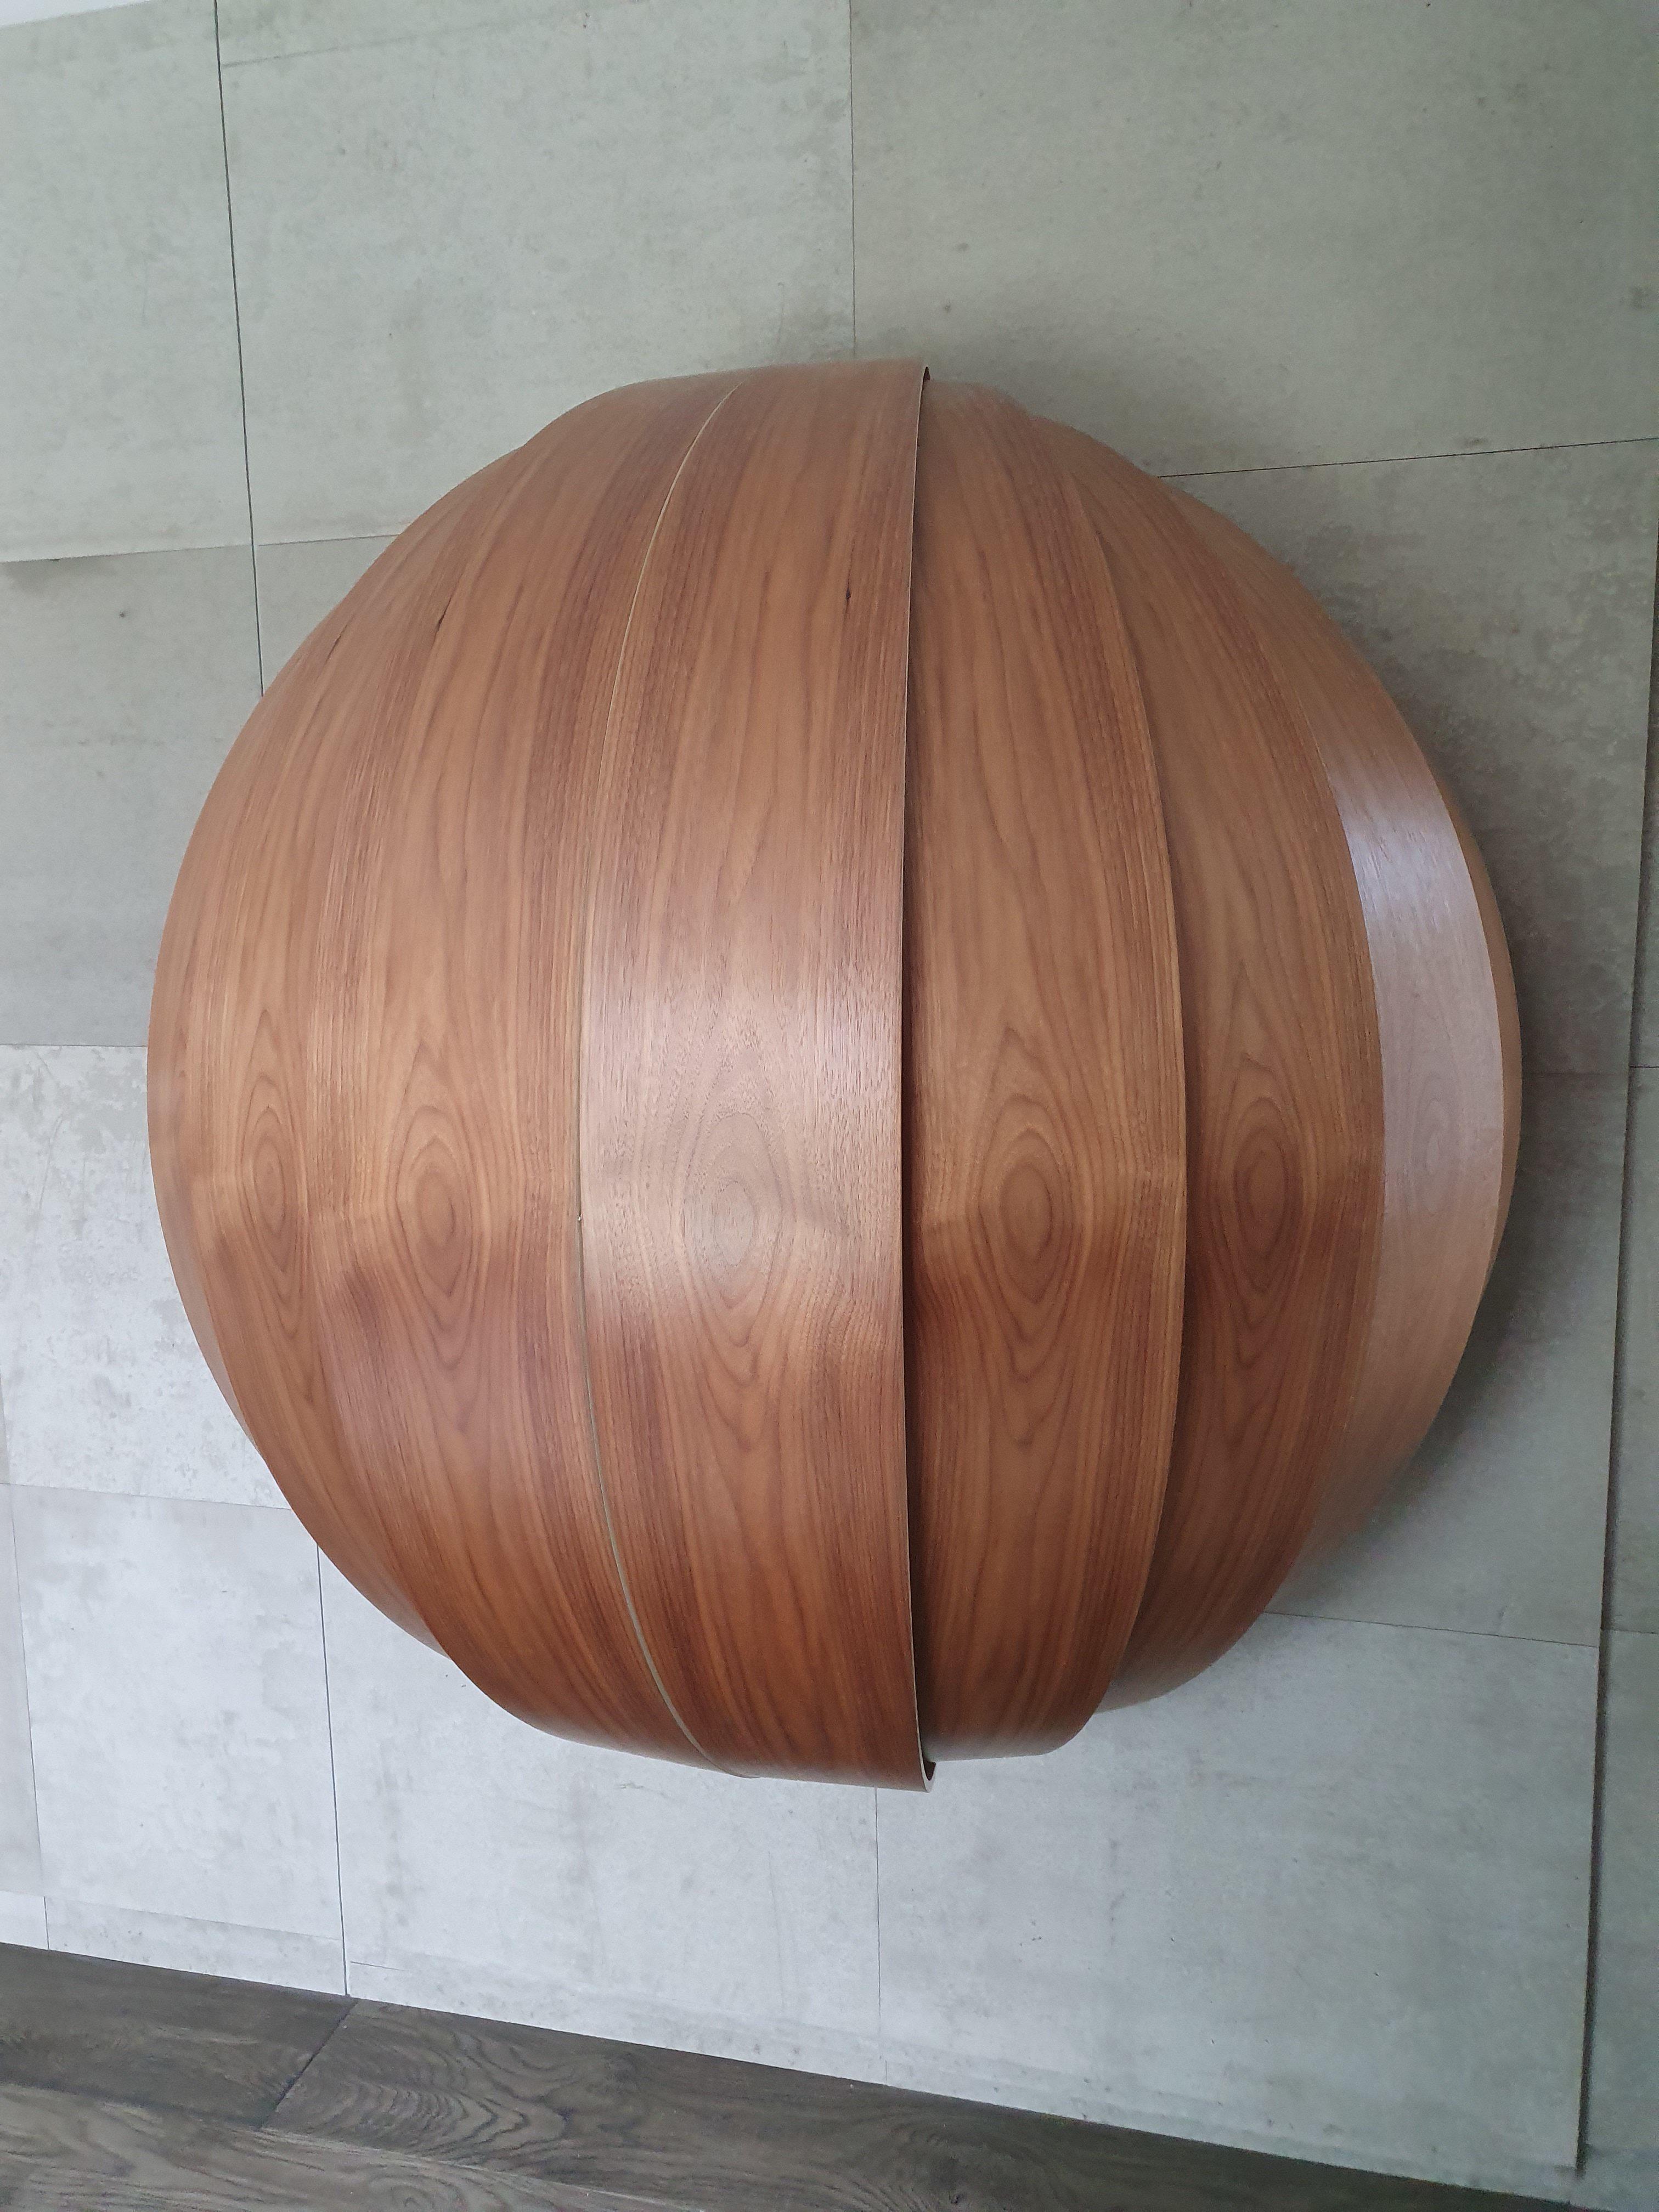 Luxury wall-mounted desk with walnut veneer finish by Splinterworks.